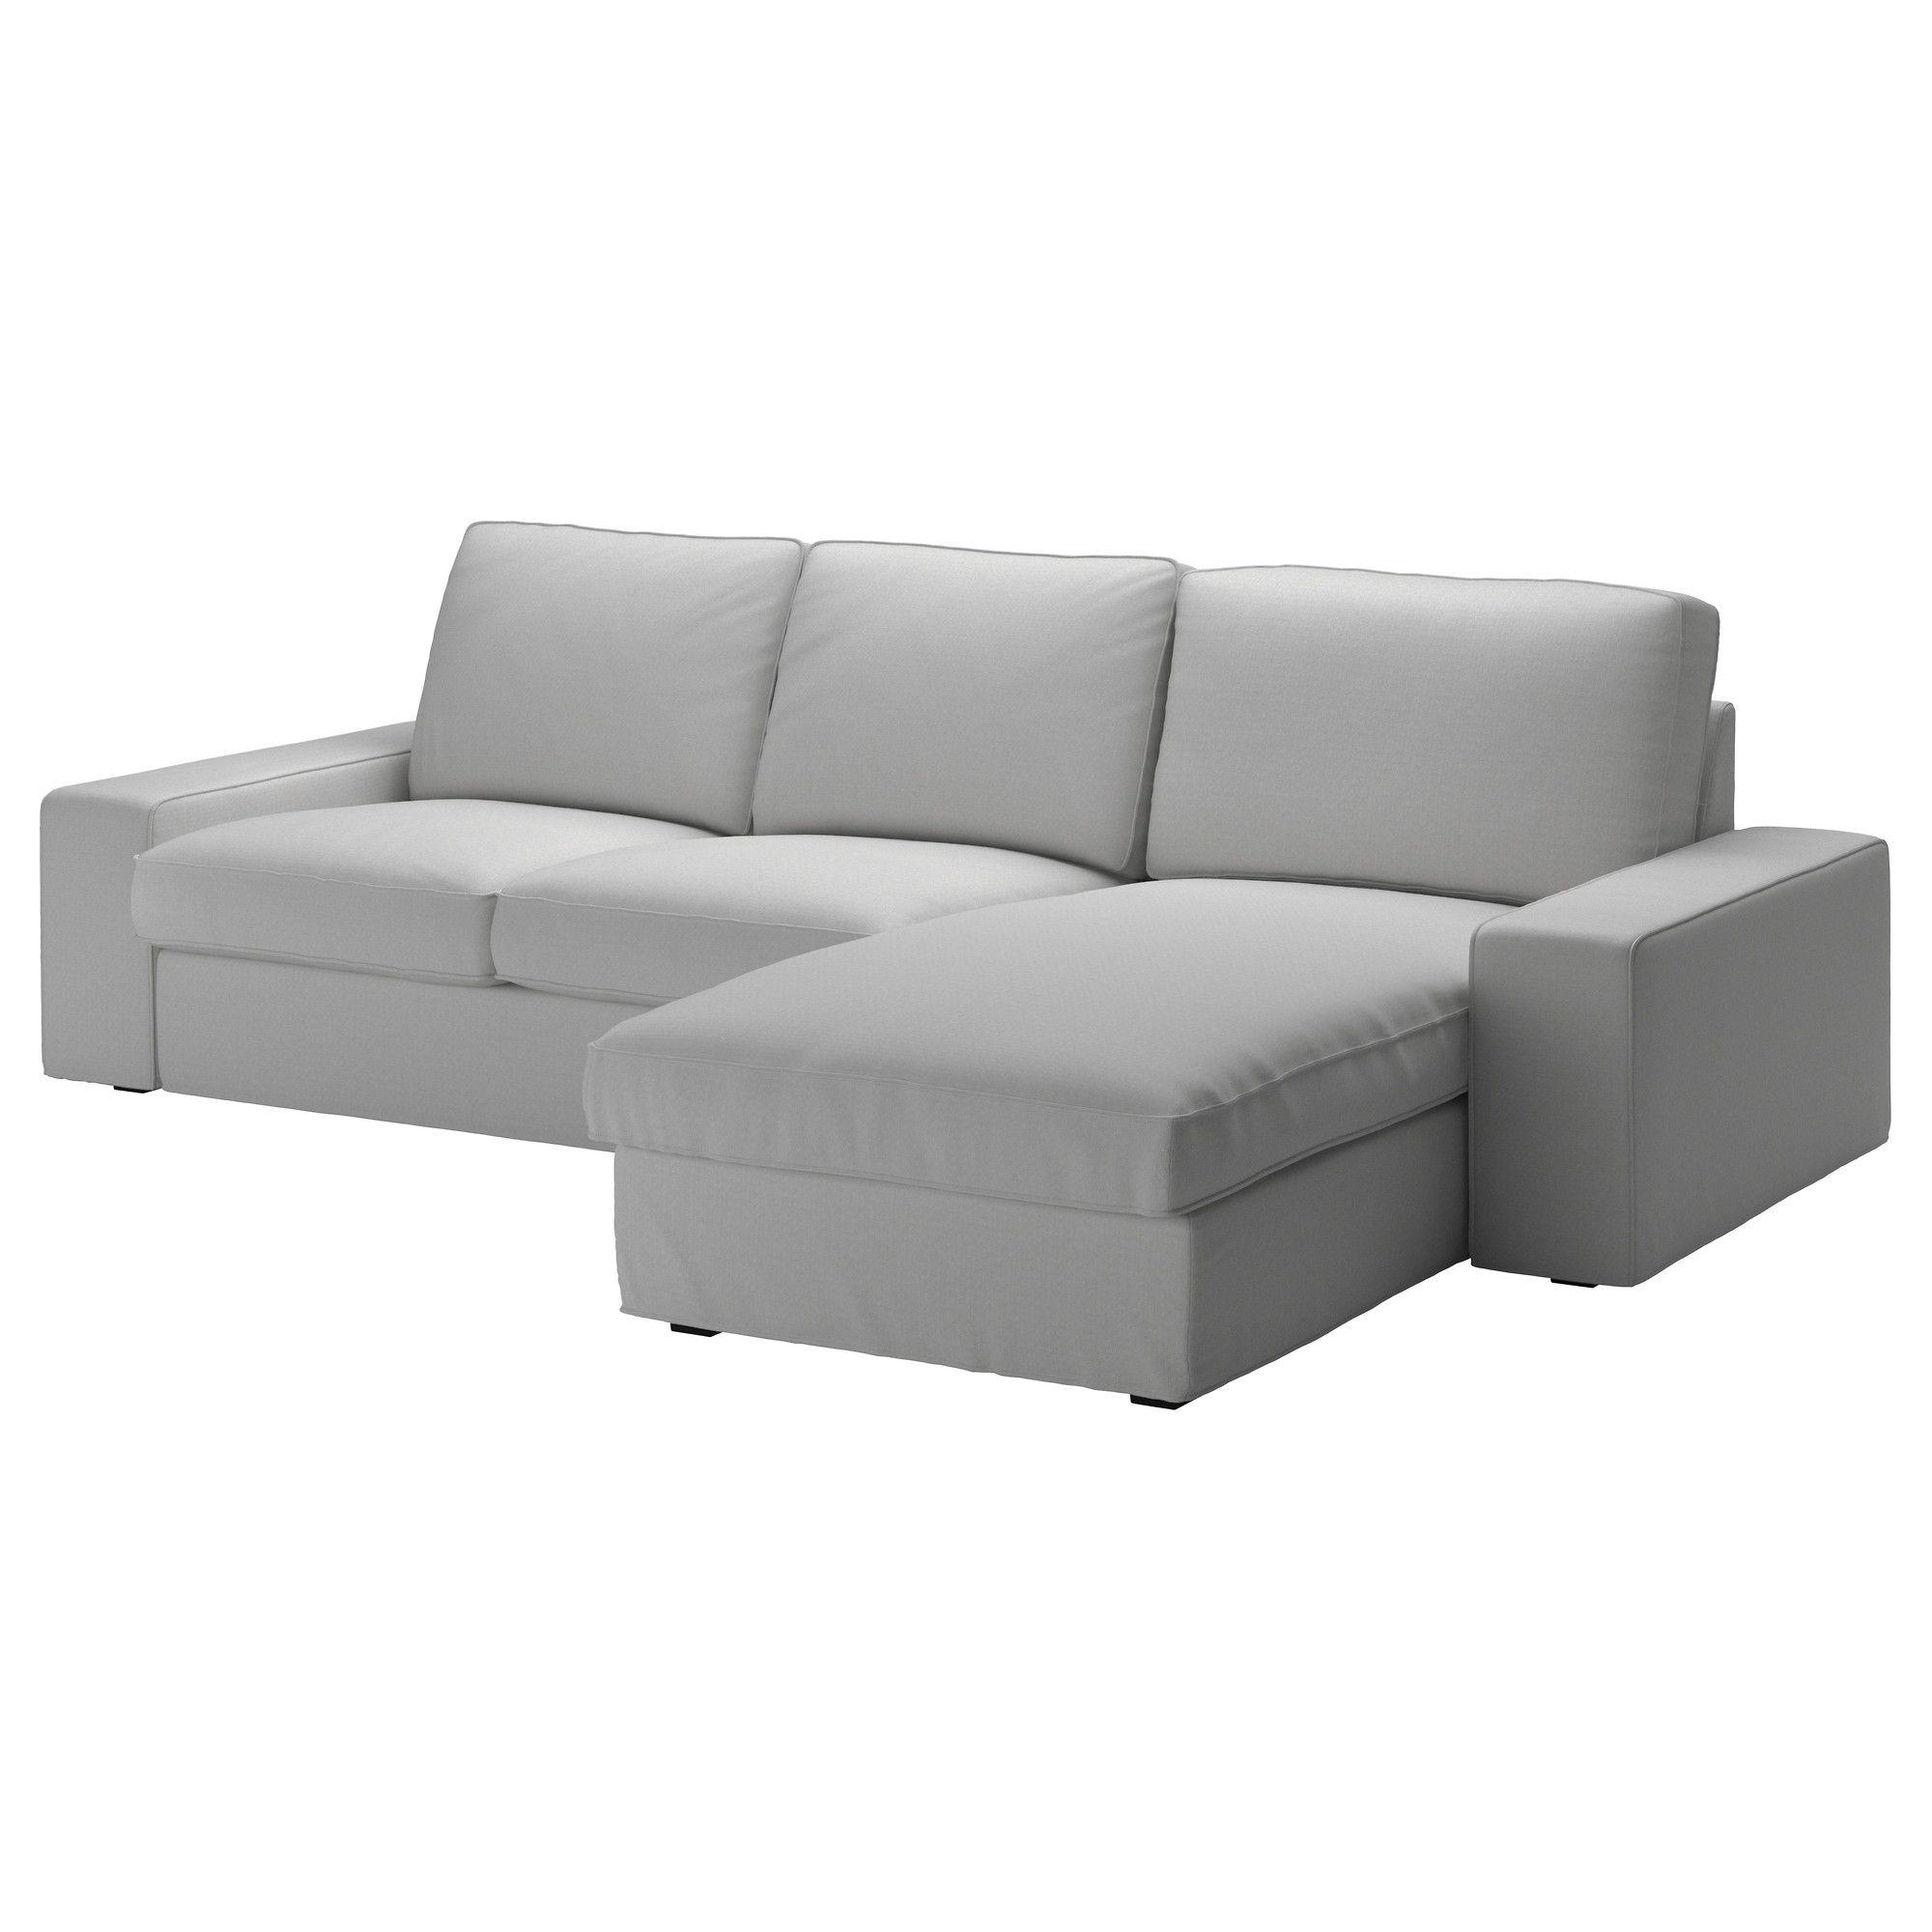 kivik sofa chaise monster high chair orrsta with light gray lights